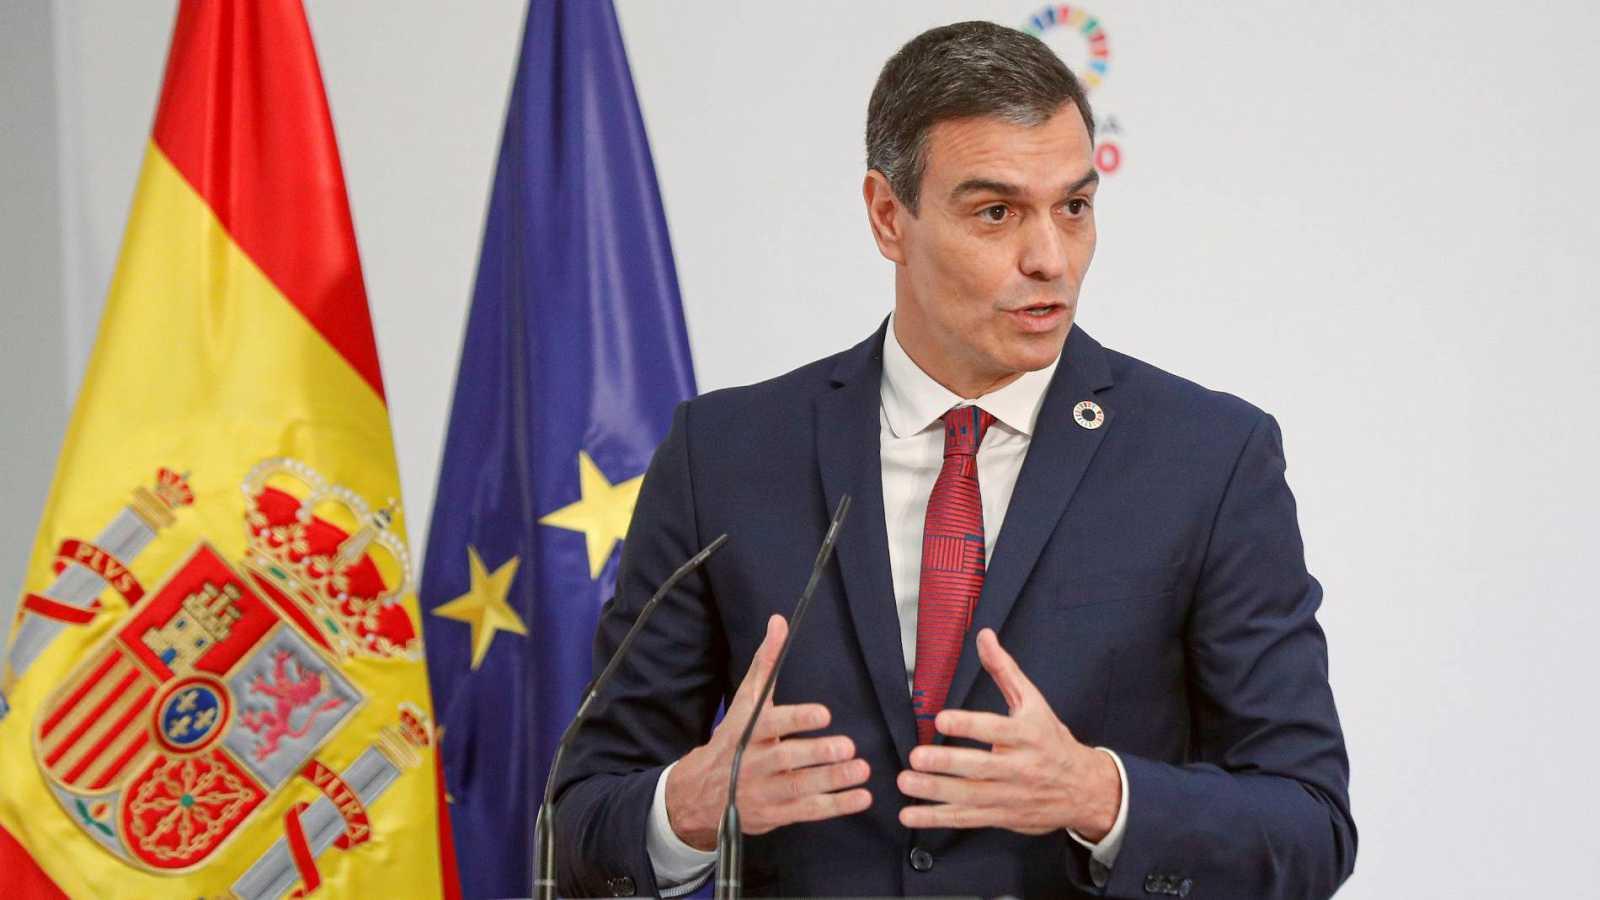 El Gobierno movilizará 140.000 millones hasta el 2025 para digitalizar España